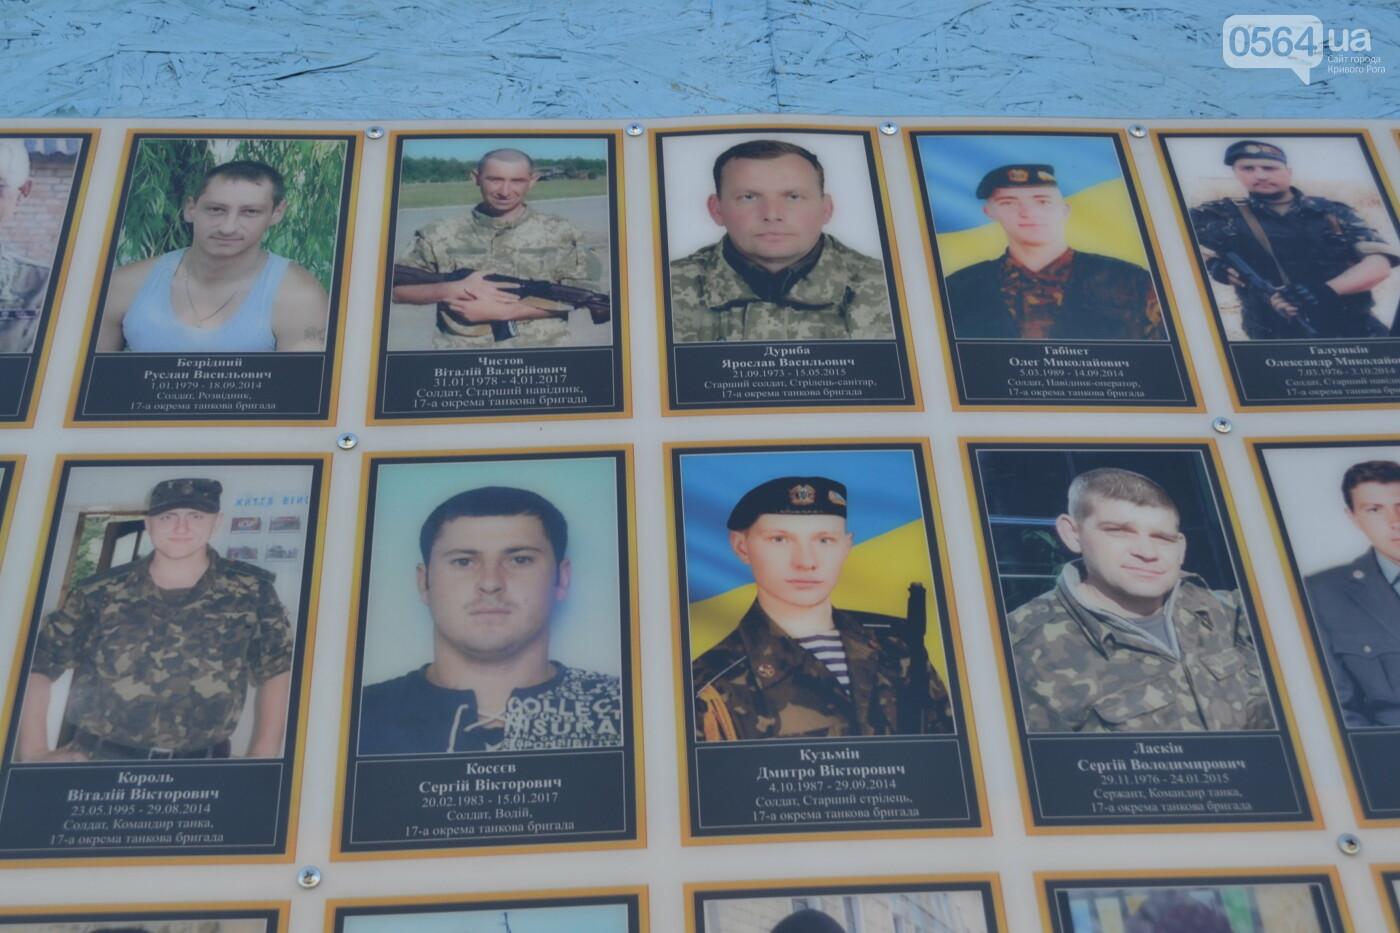 Поздравить живых, поклониться погибшим, - сегодня День защитника Украины, - ФОТО, фото-30